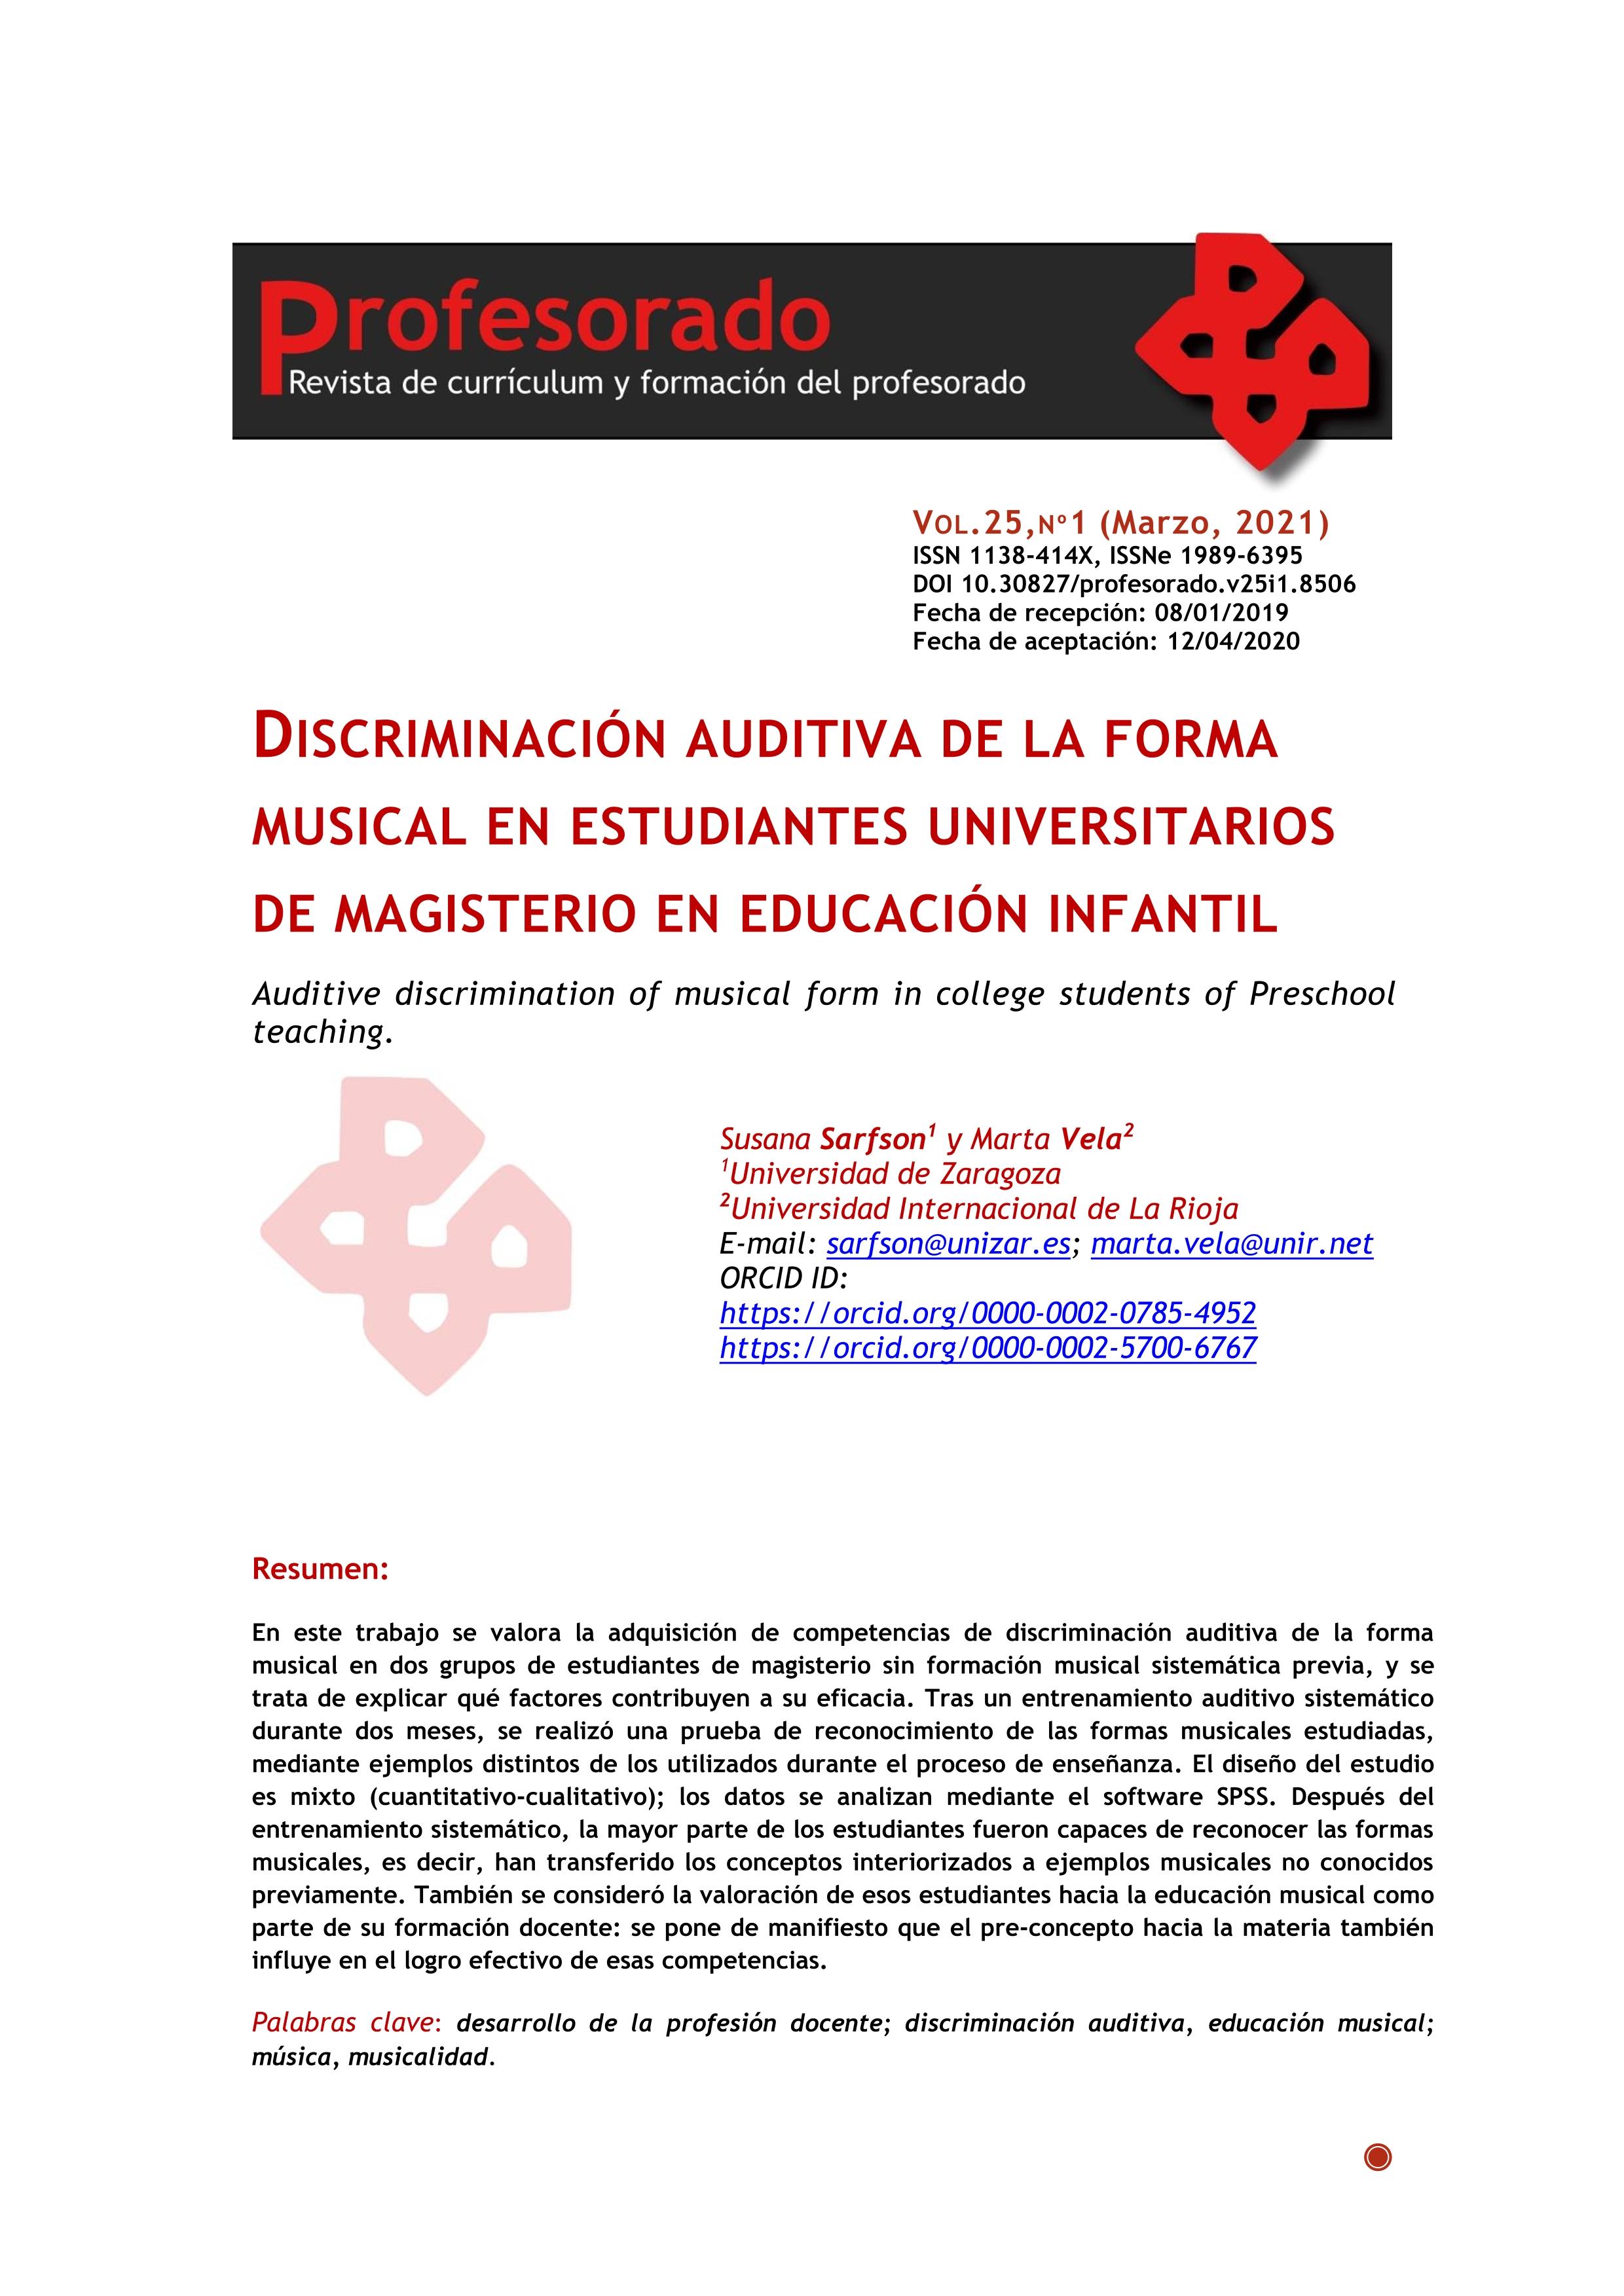 Discriminación auditiva de la forma musical en estudiantes universitarios de magisterio en educación infantil